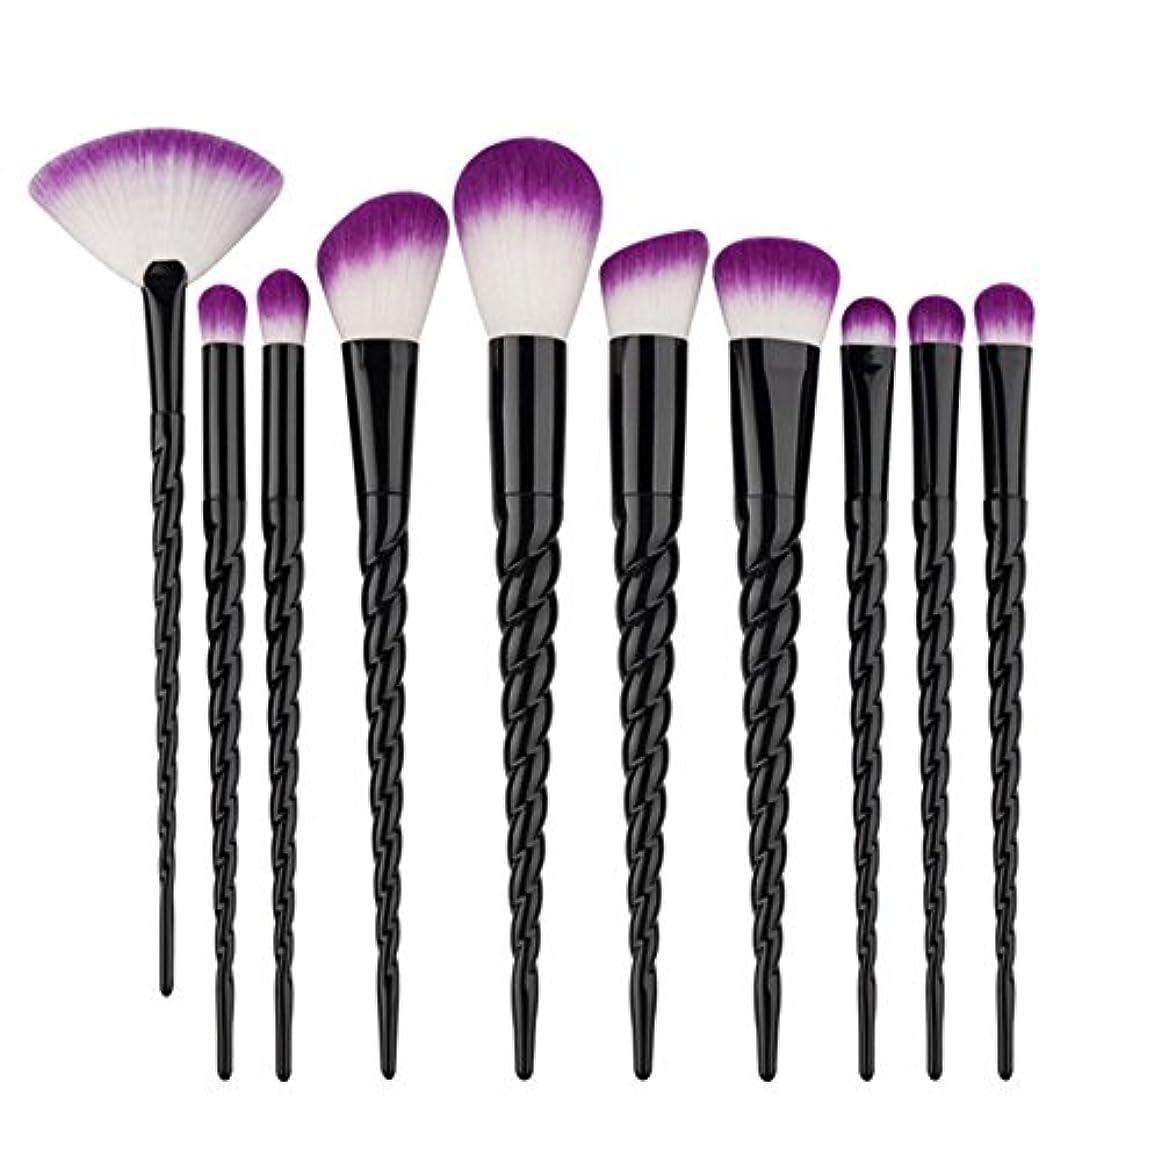 ディーラー分類する有益Dilla Beauty 10本セットユニコーンデザインプラスチックハンドル形状メイクブラシセット合成毛ファンデーションブラシアイシャドーブラッシャー美容ツール (ブラック)